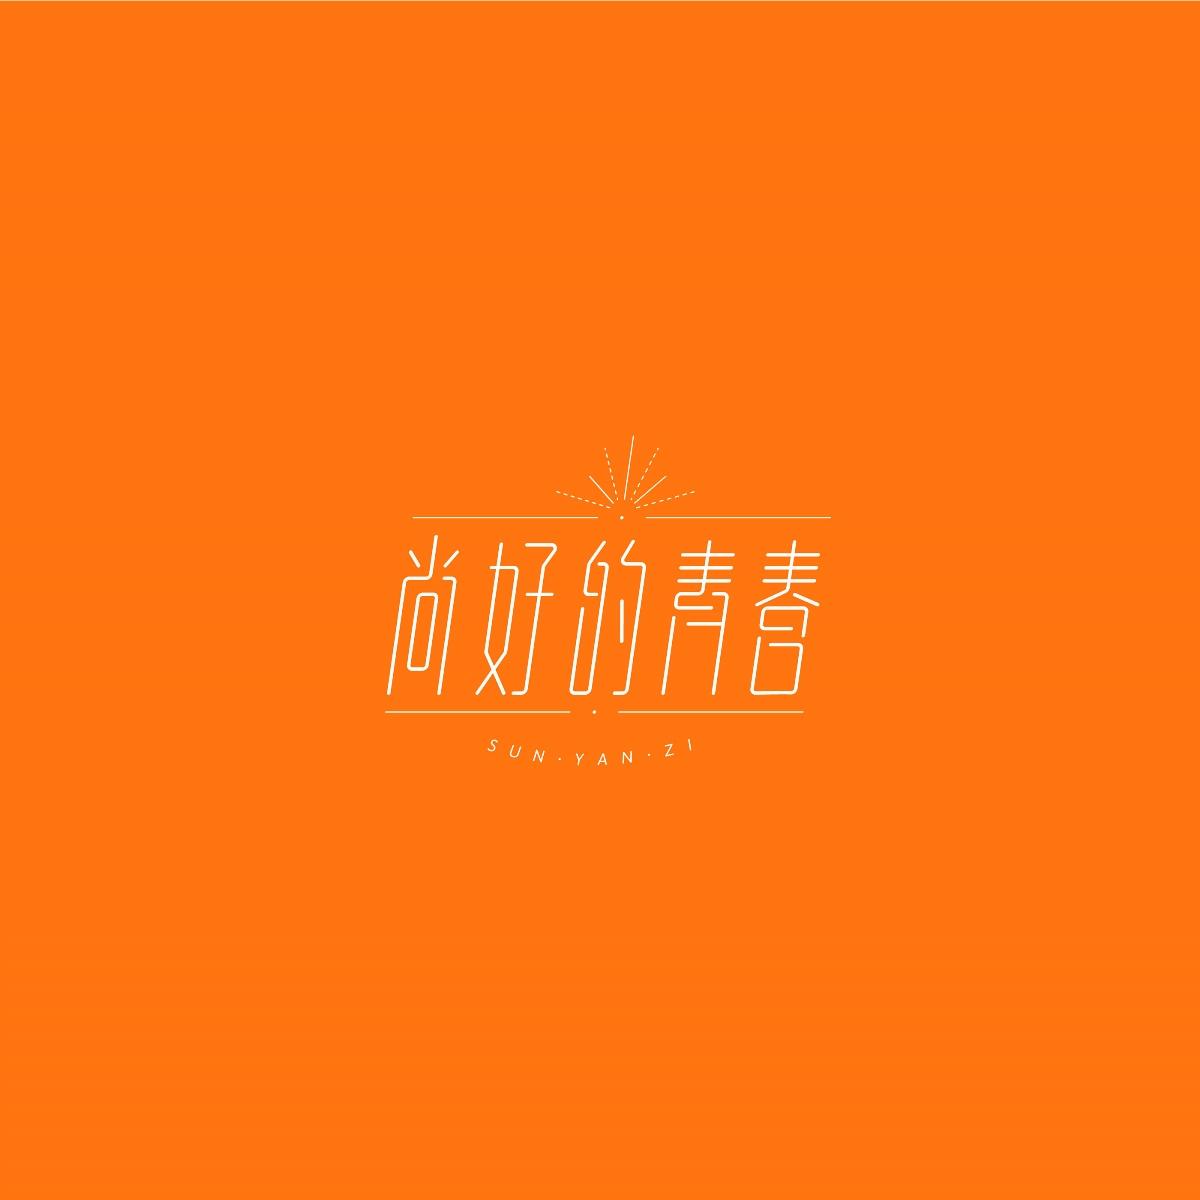 2020年第一波字体设计合集(歌曲创意字体设计)